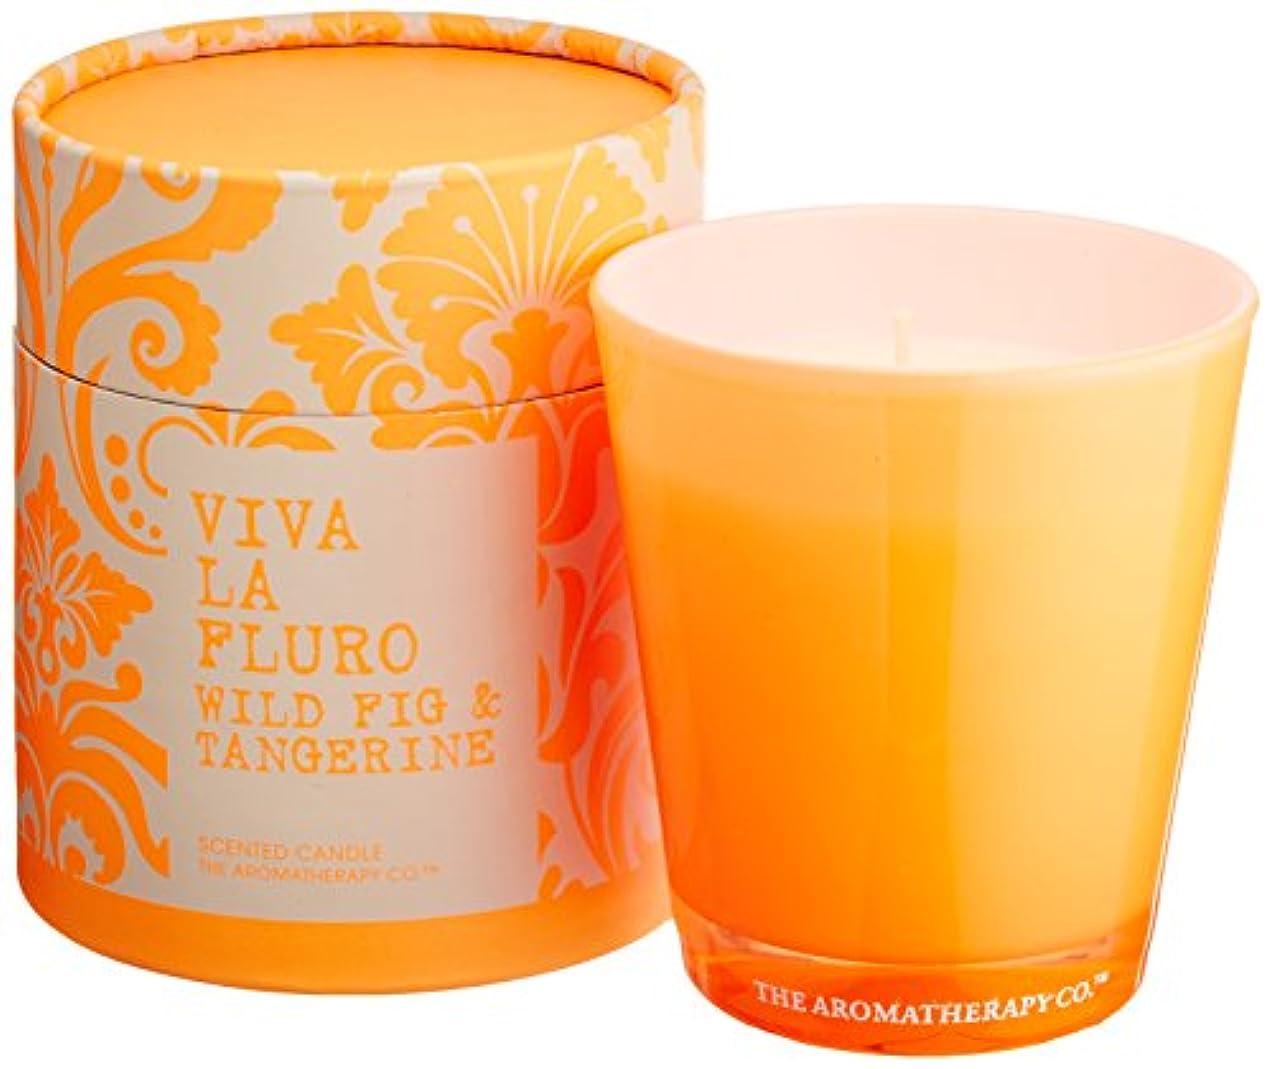 悲惨な和解するミッションVIVA LA FLURO センティッドキャンドル ワイルドフィグ&タンジェリン Wild Fig&Tangerine ビバ?ラ?フルーロ